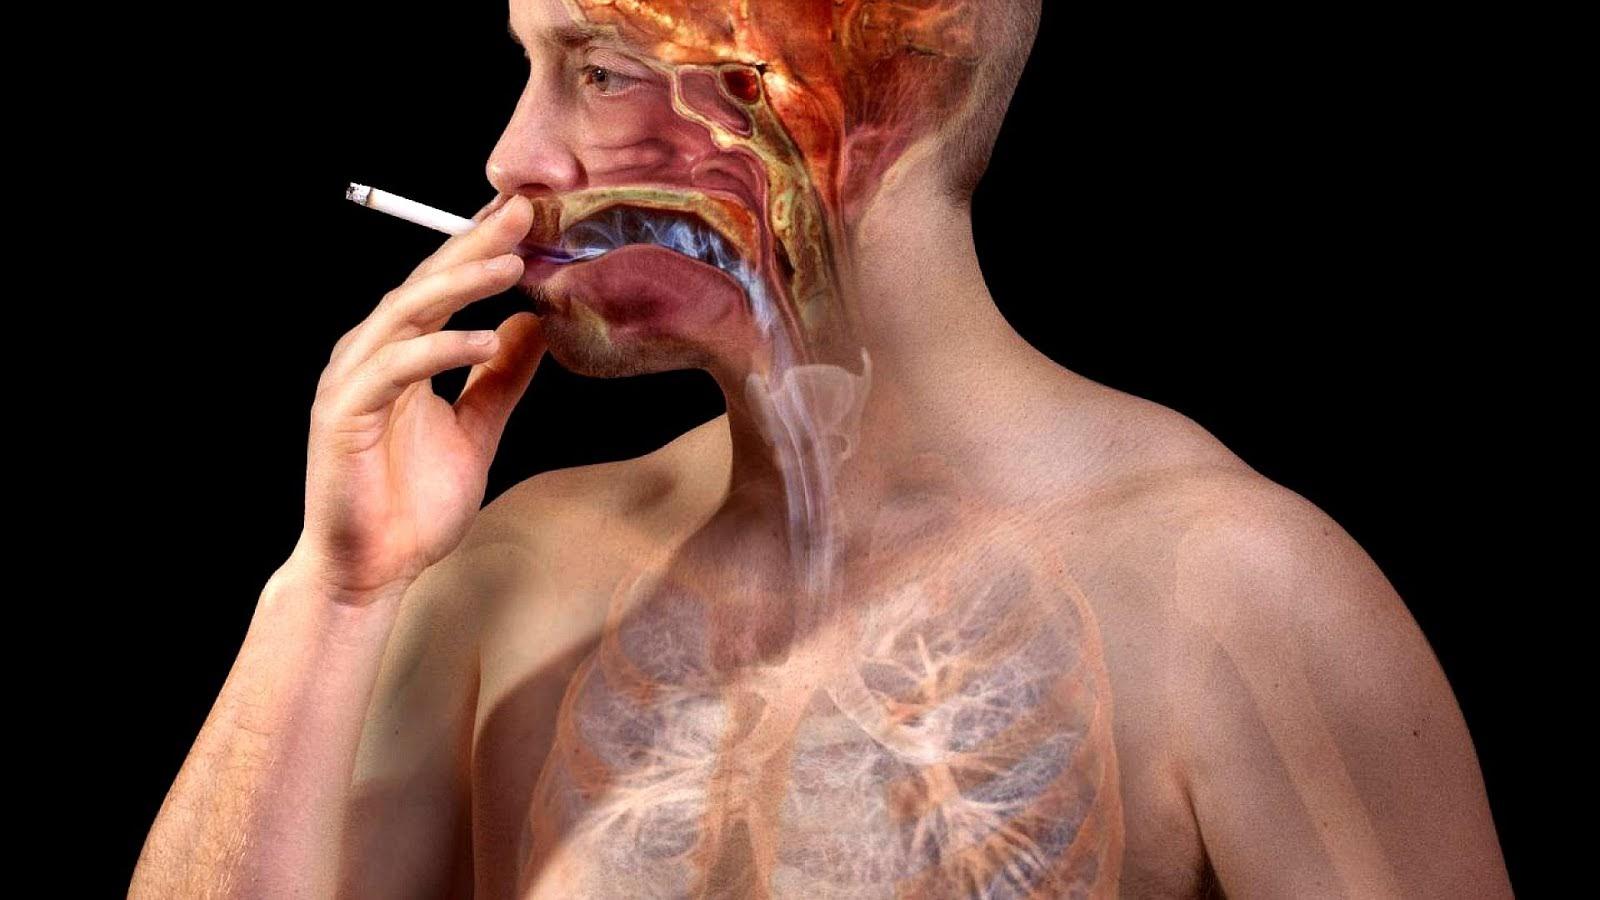 Сигареты негативно влияют на легкие, сердце, мозг, даже в небольшом количестве они вызывают отрицательные последствия в организме